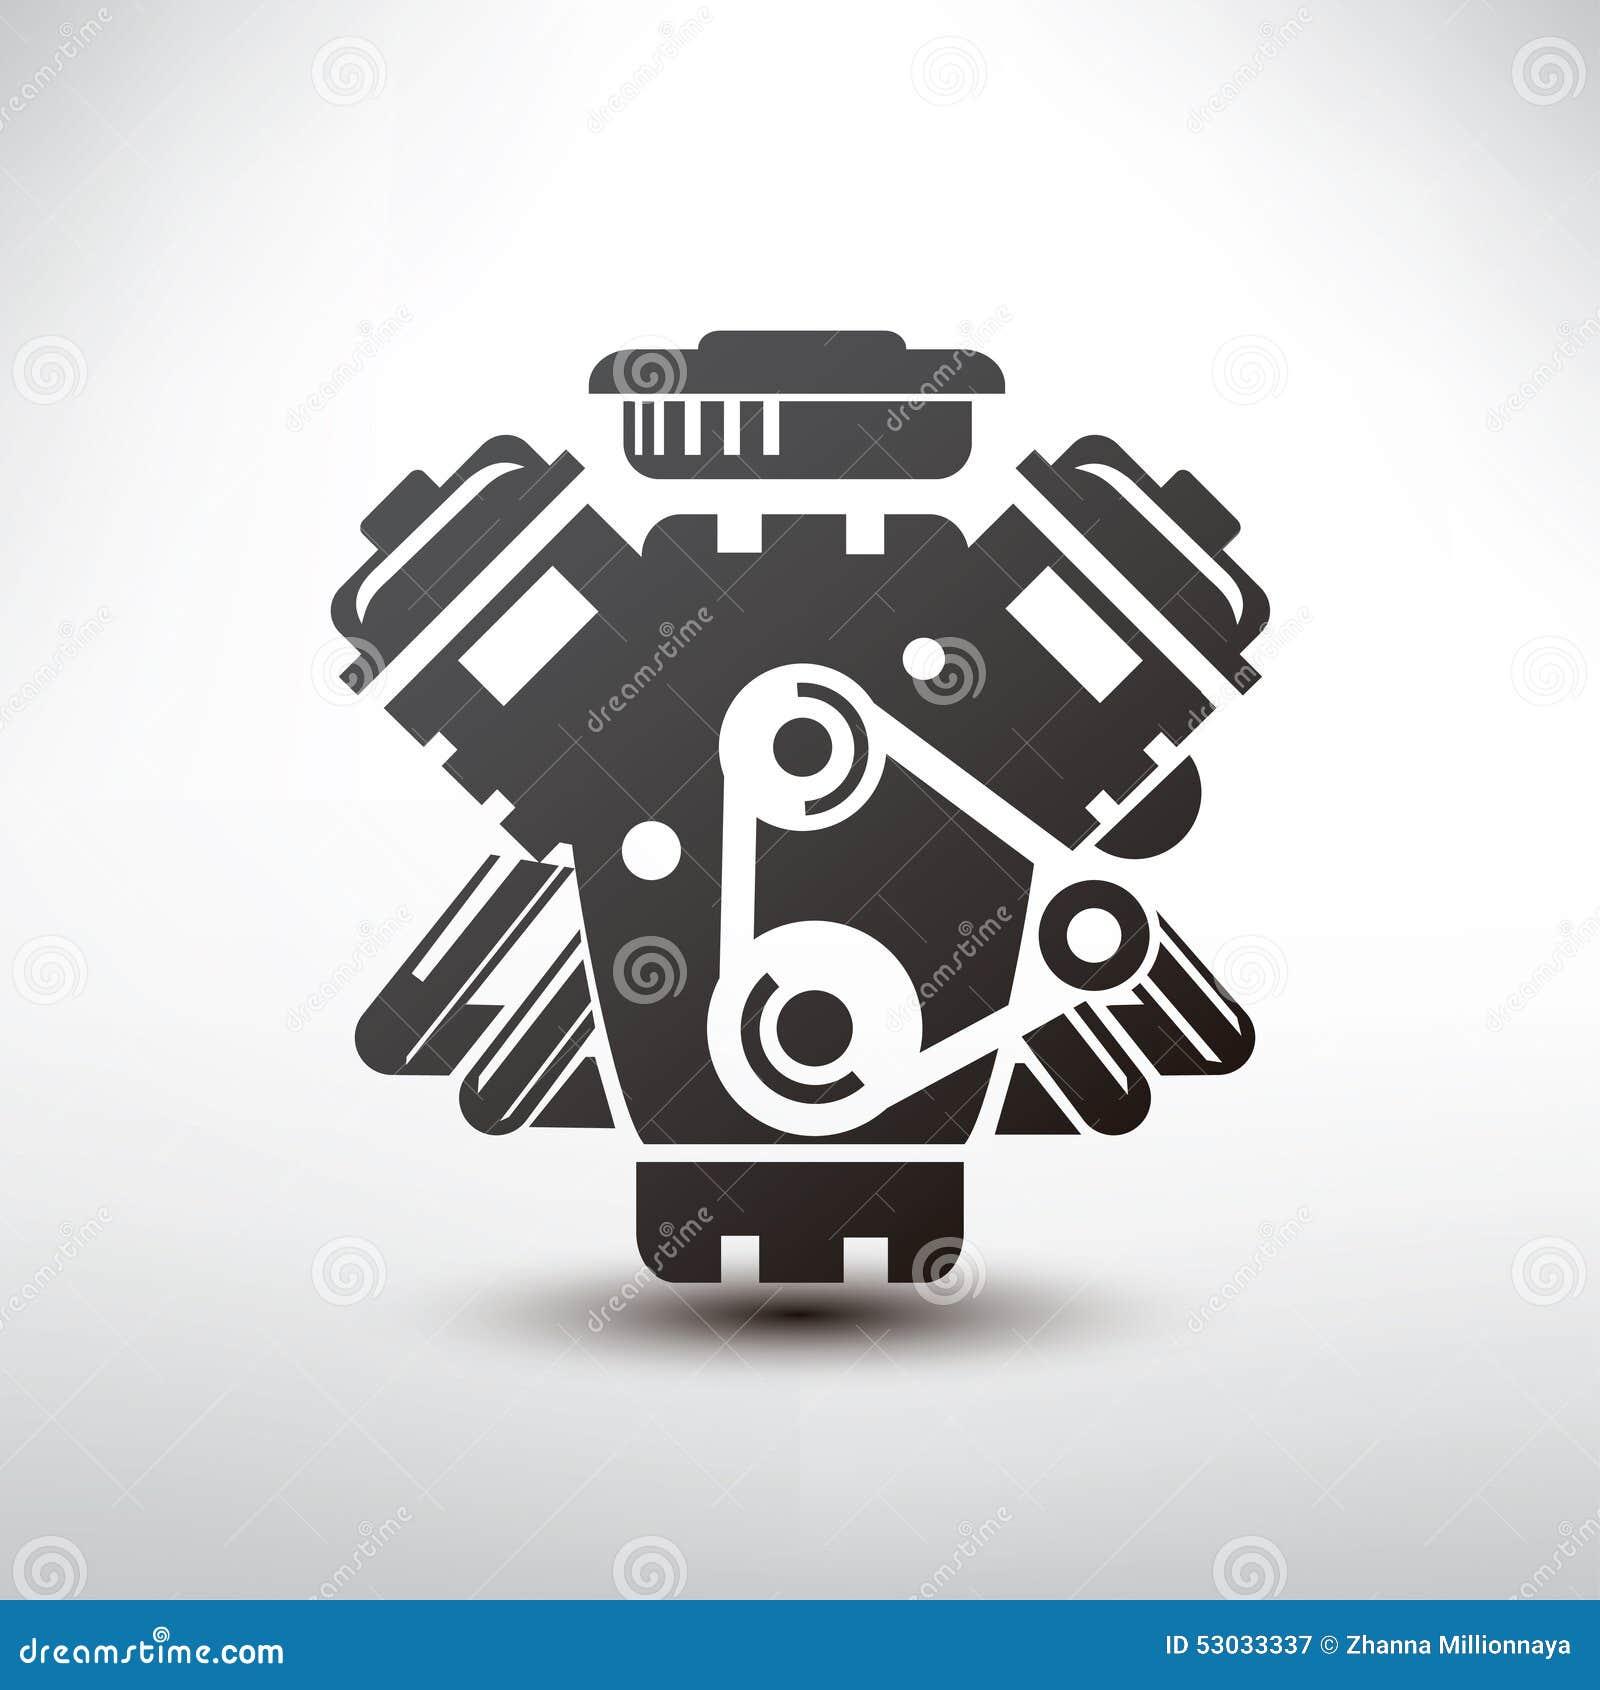 发动机标志,汽车马达风格化传染媒介剪影.图片